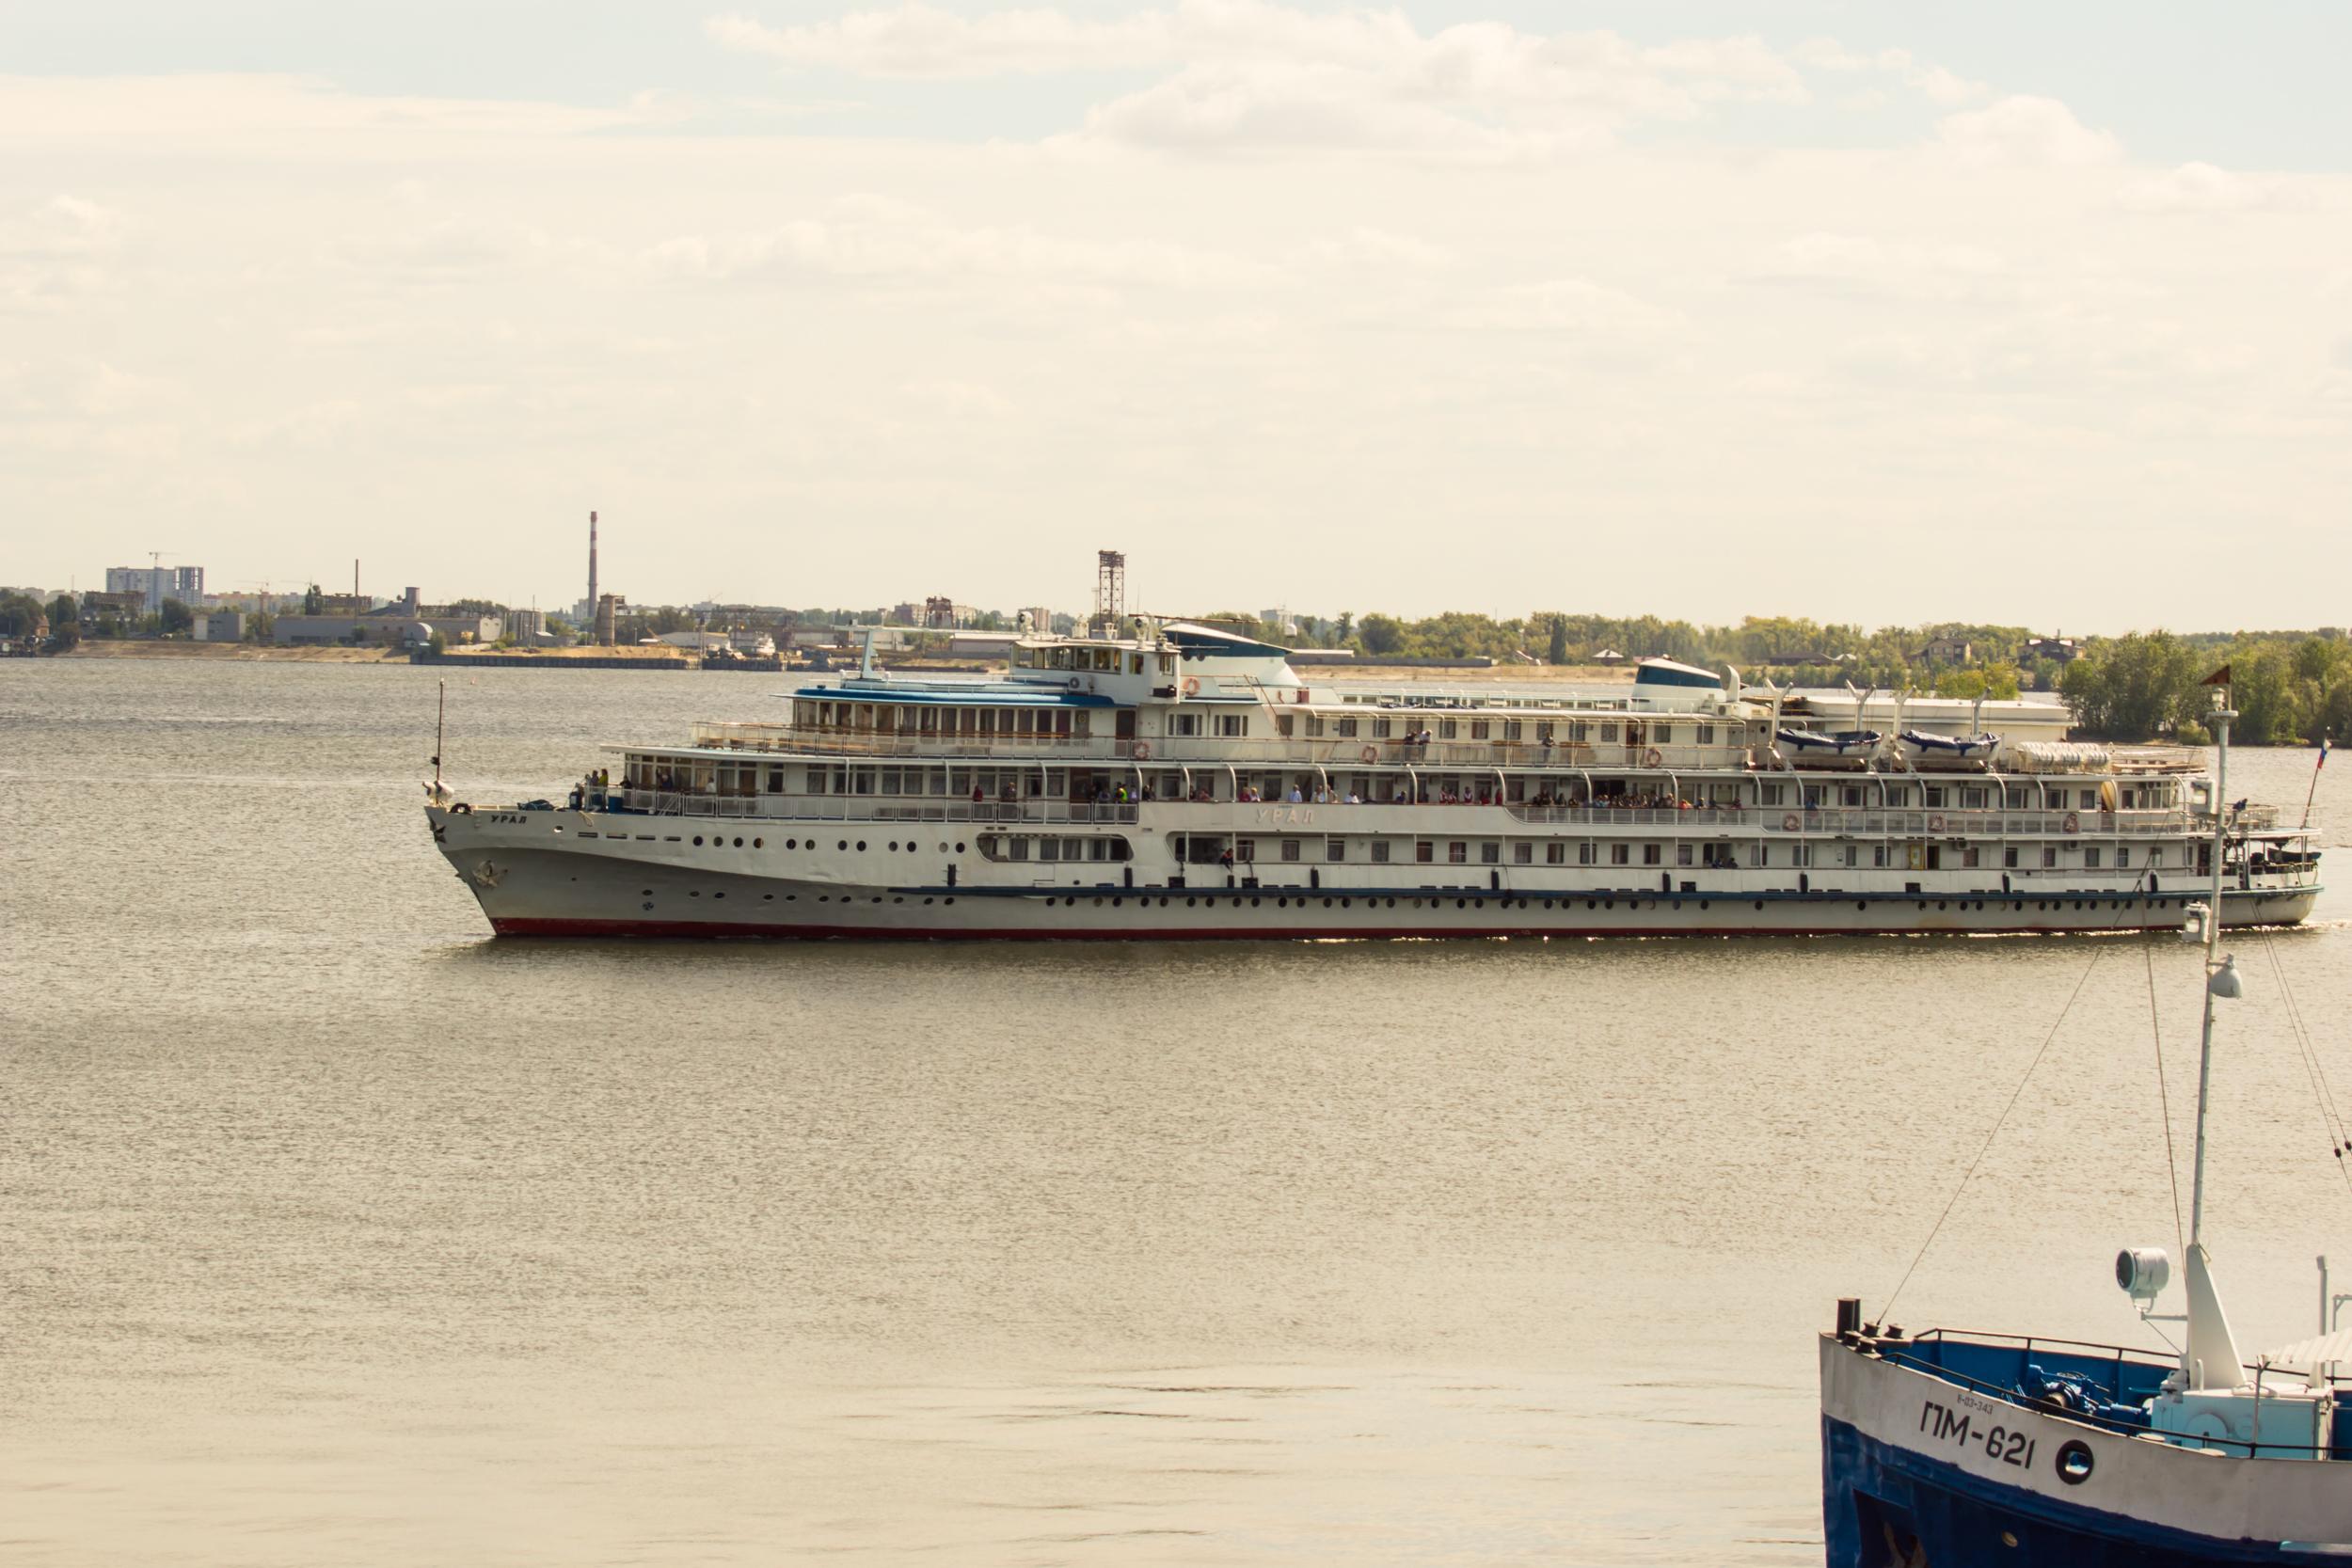 Saratov en los últimos años atrae a los turistas. Barcos turísticos llegan diariamente en la ciudad.